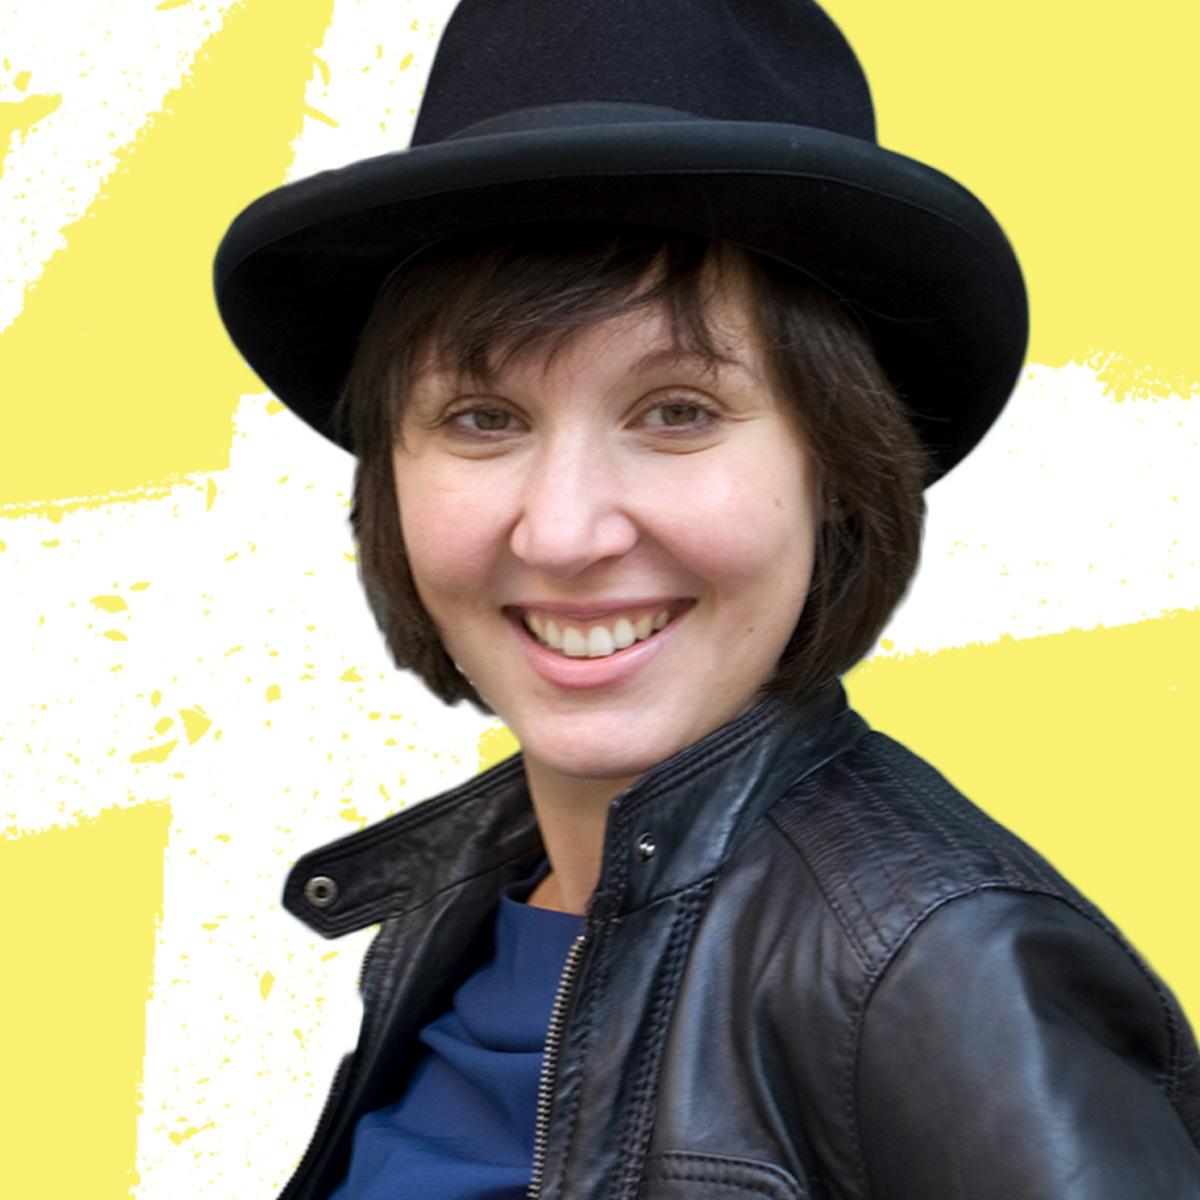 Beatrix Baumgartner-Kis